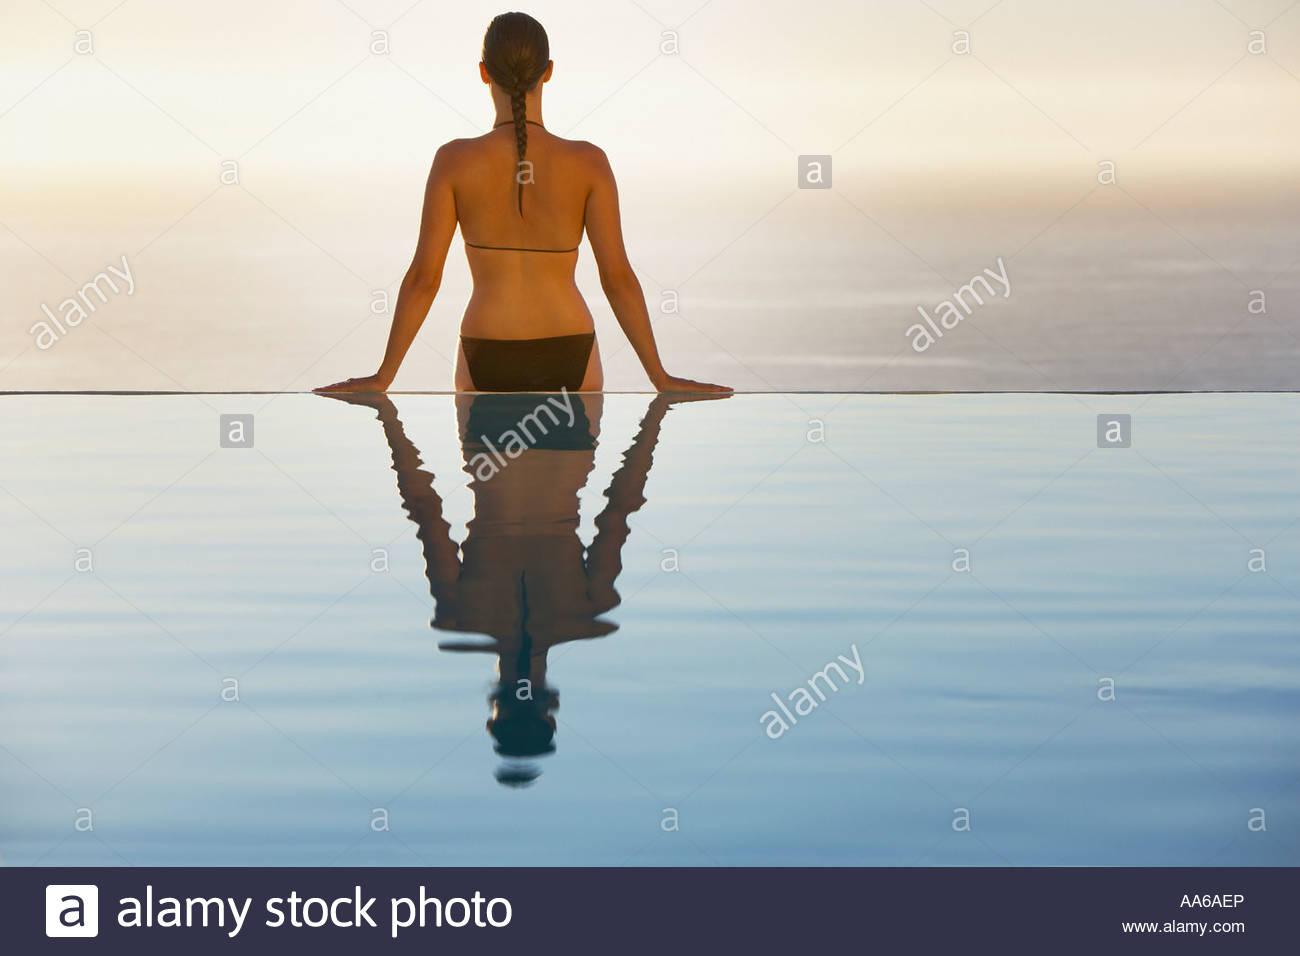 Woman sitting on edge of infinity pool in bikini - Stock Image